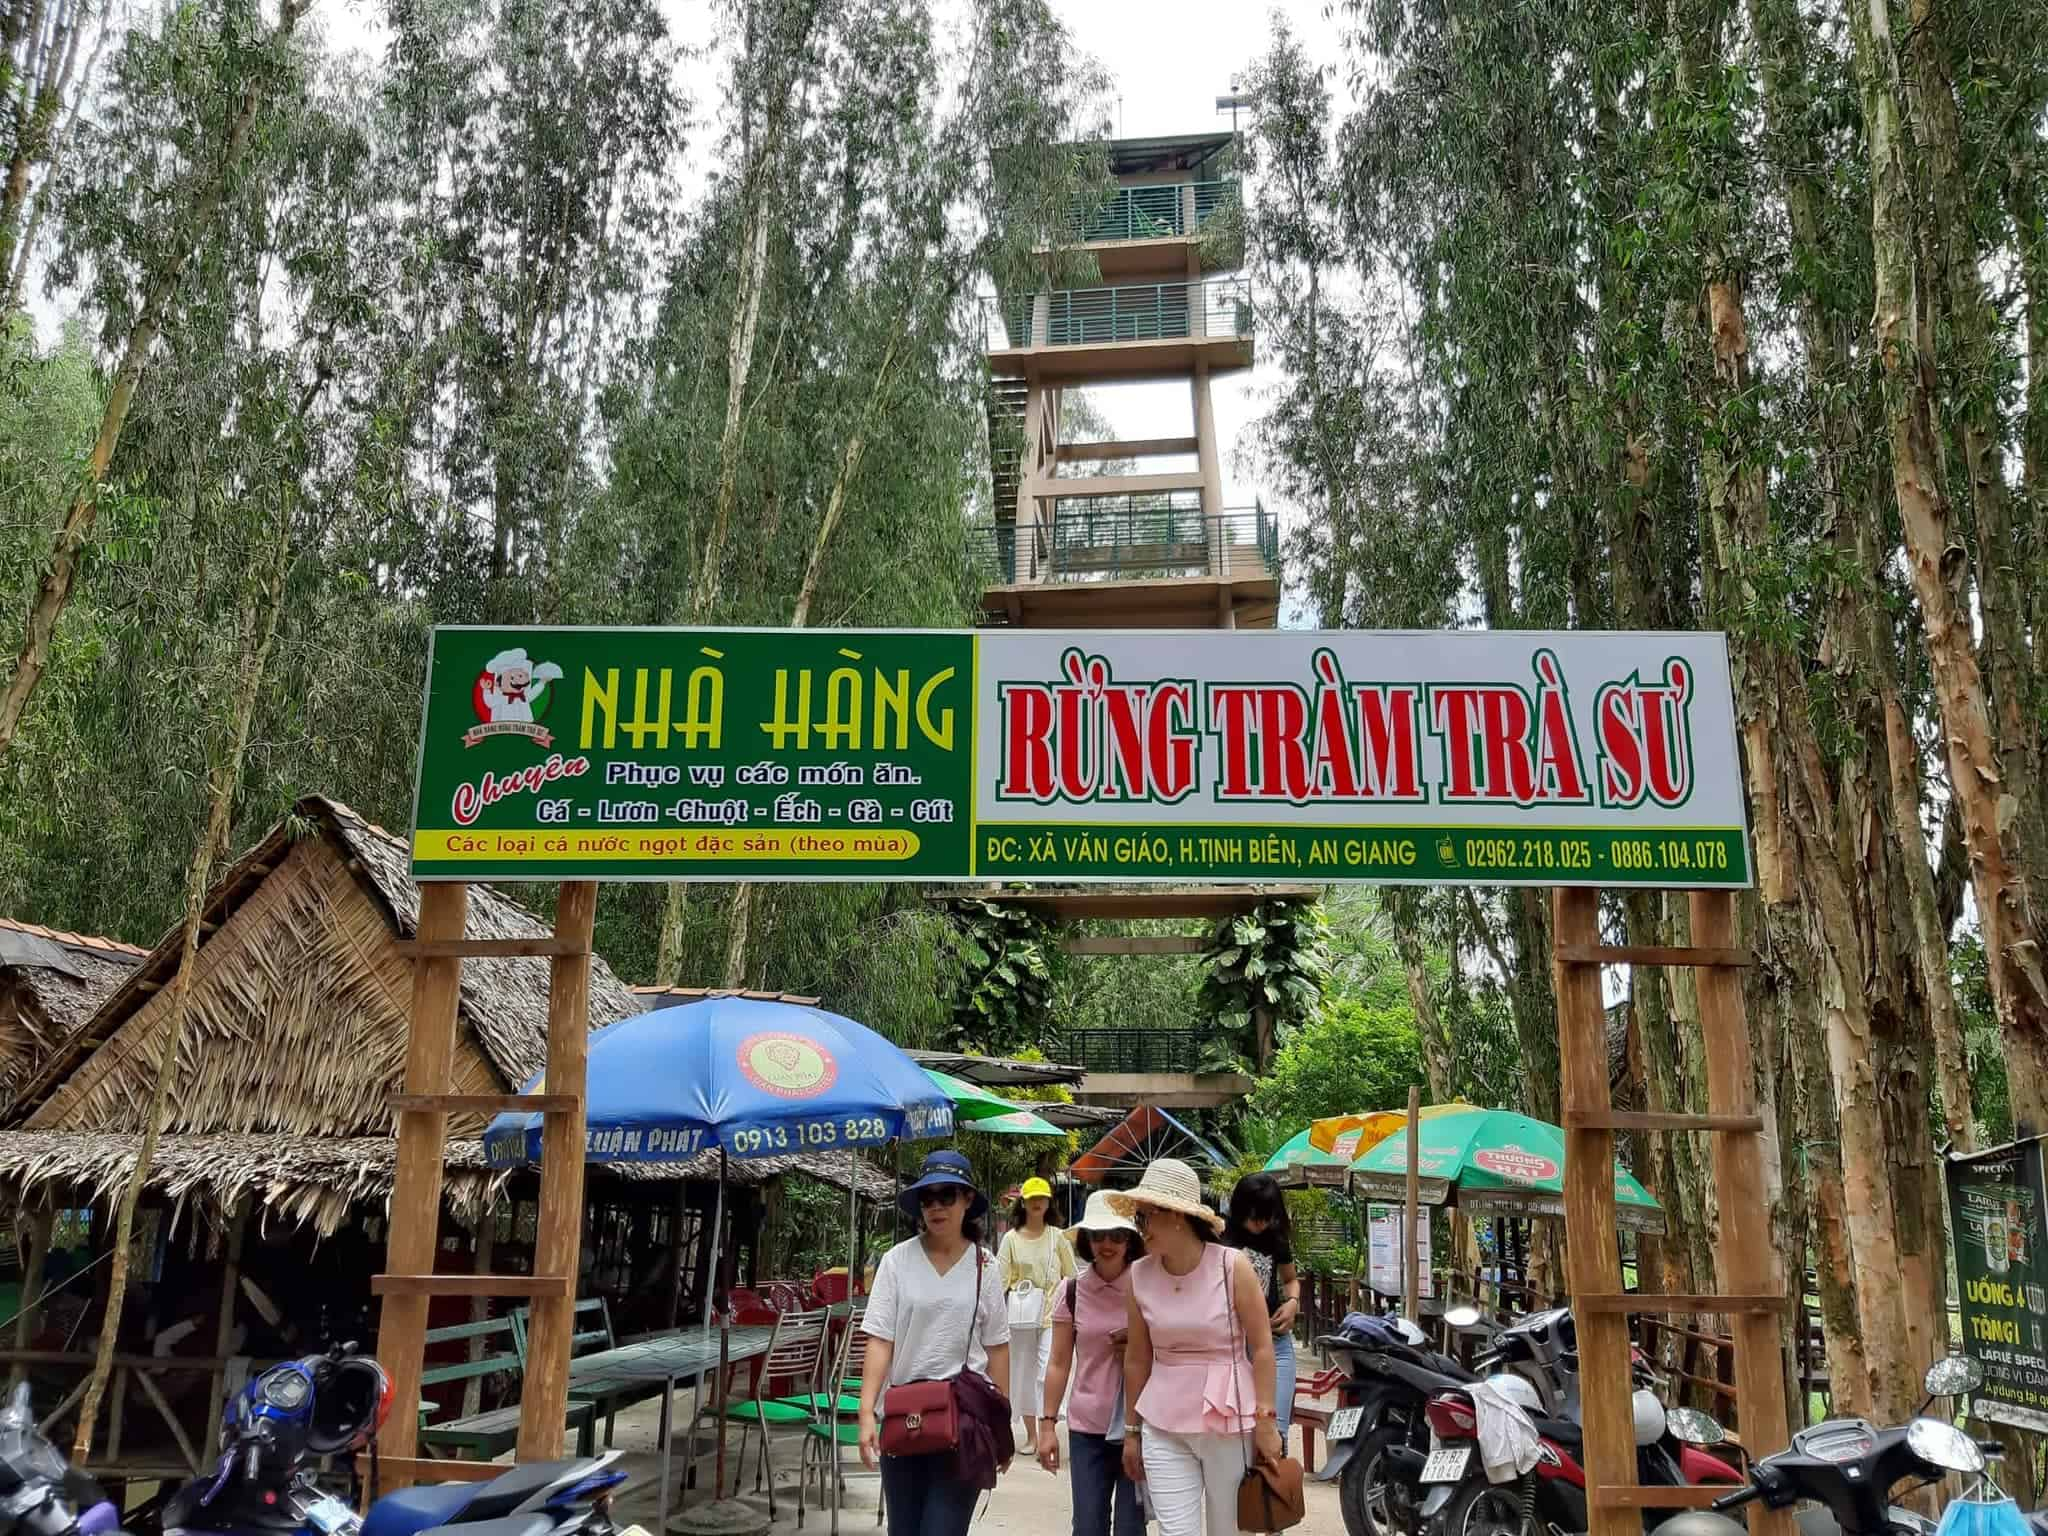 nha-hang-rung-tram-tra-su